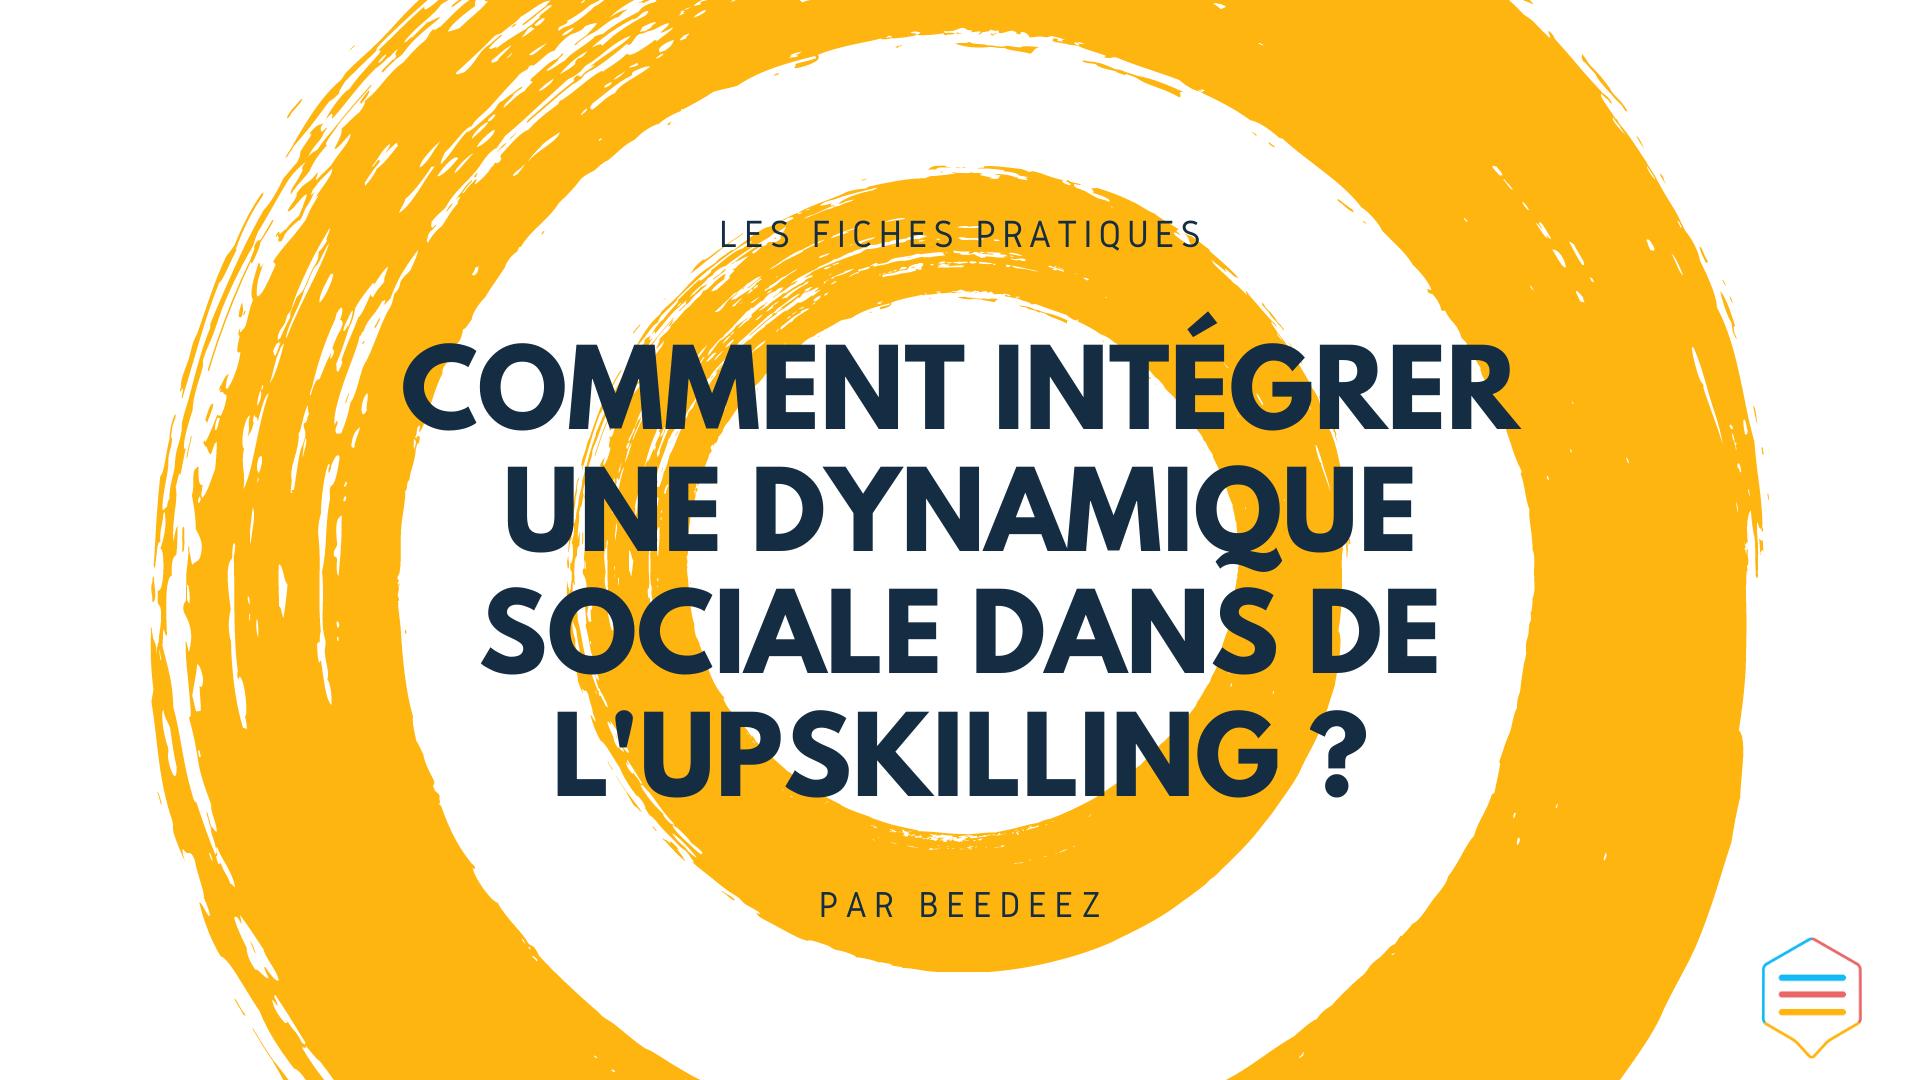 Comment intégrer une dynamique sociale dans du Upskilling